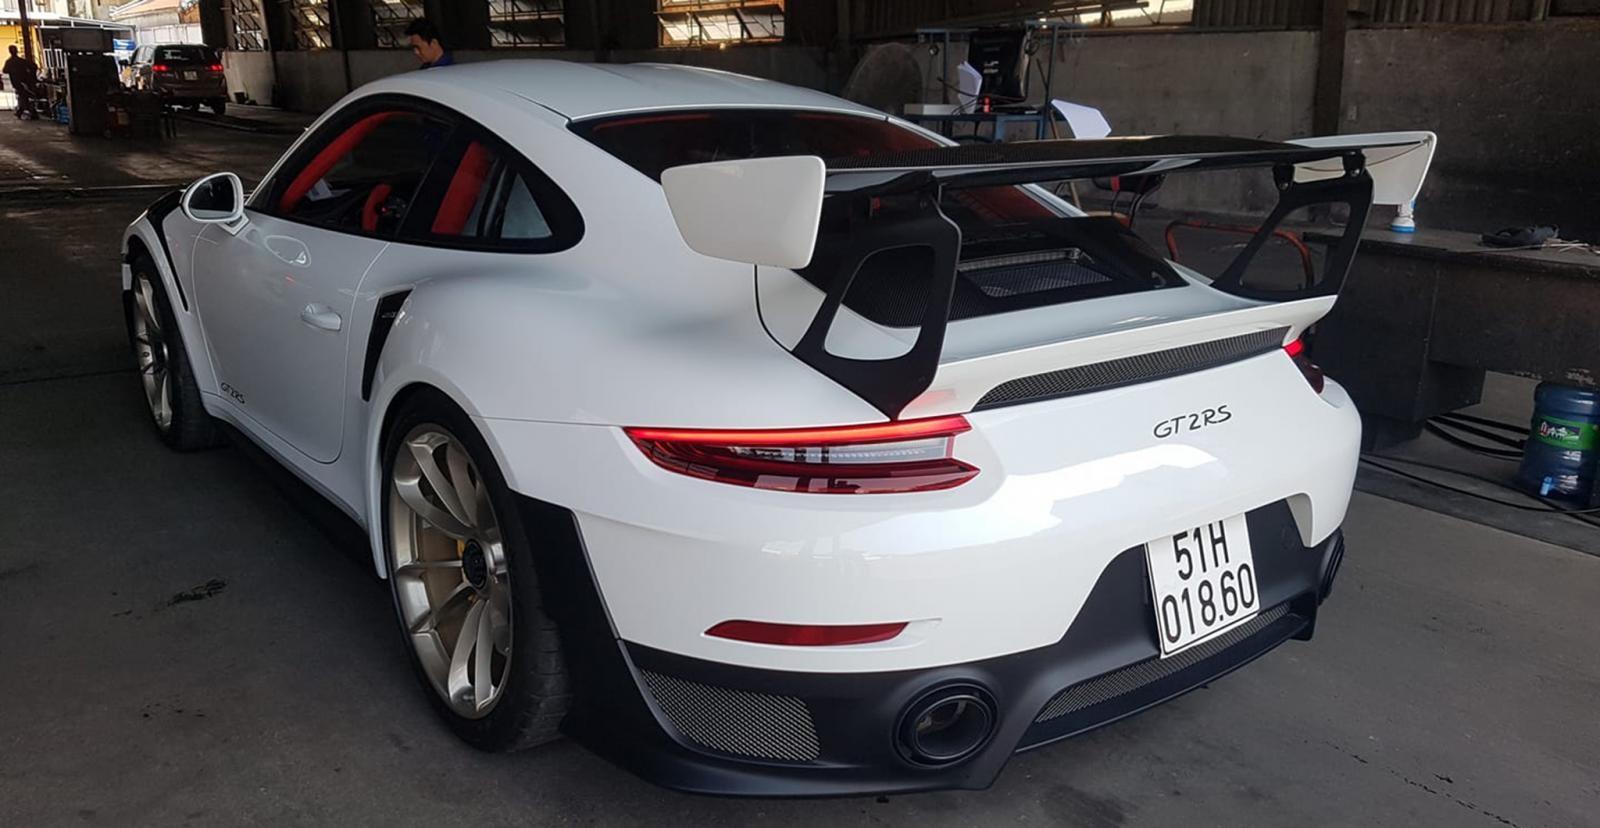 Siêu xe Porsche 911 GT2 RS thứ 3 về Việt Nam đã có hộ khẩu Sài thành